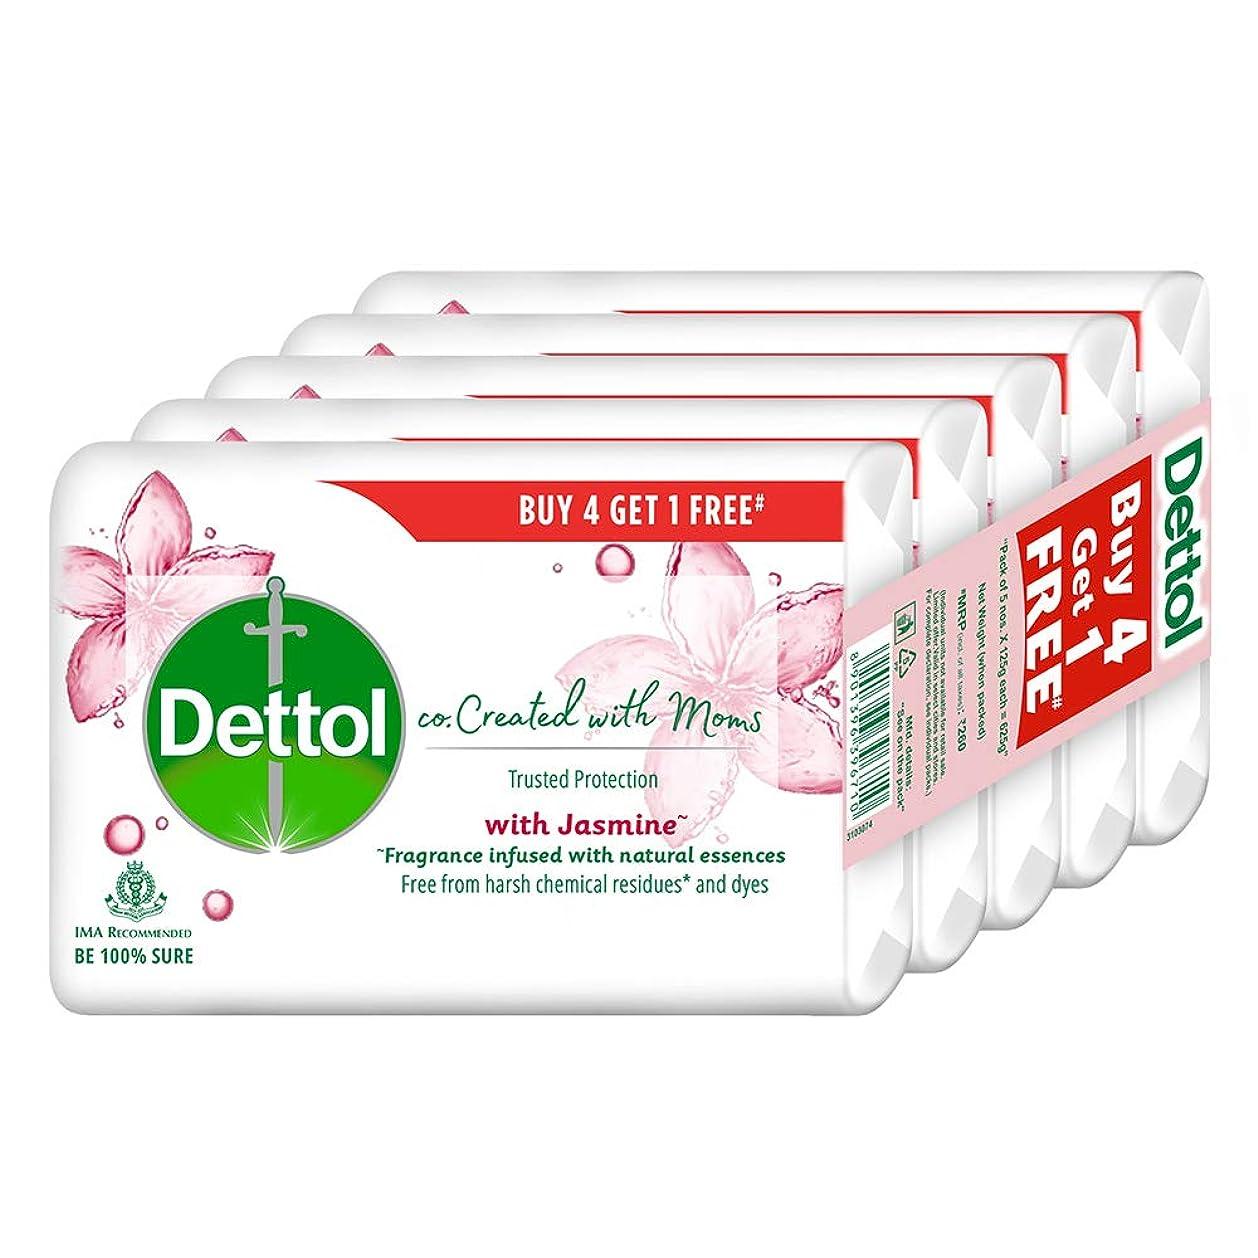 放牧するサポート直面するDettol Co-created with moms Jasmine Bathing Soap, 125gm (Buy 4 Get 1 Free)